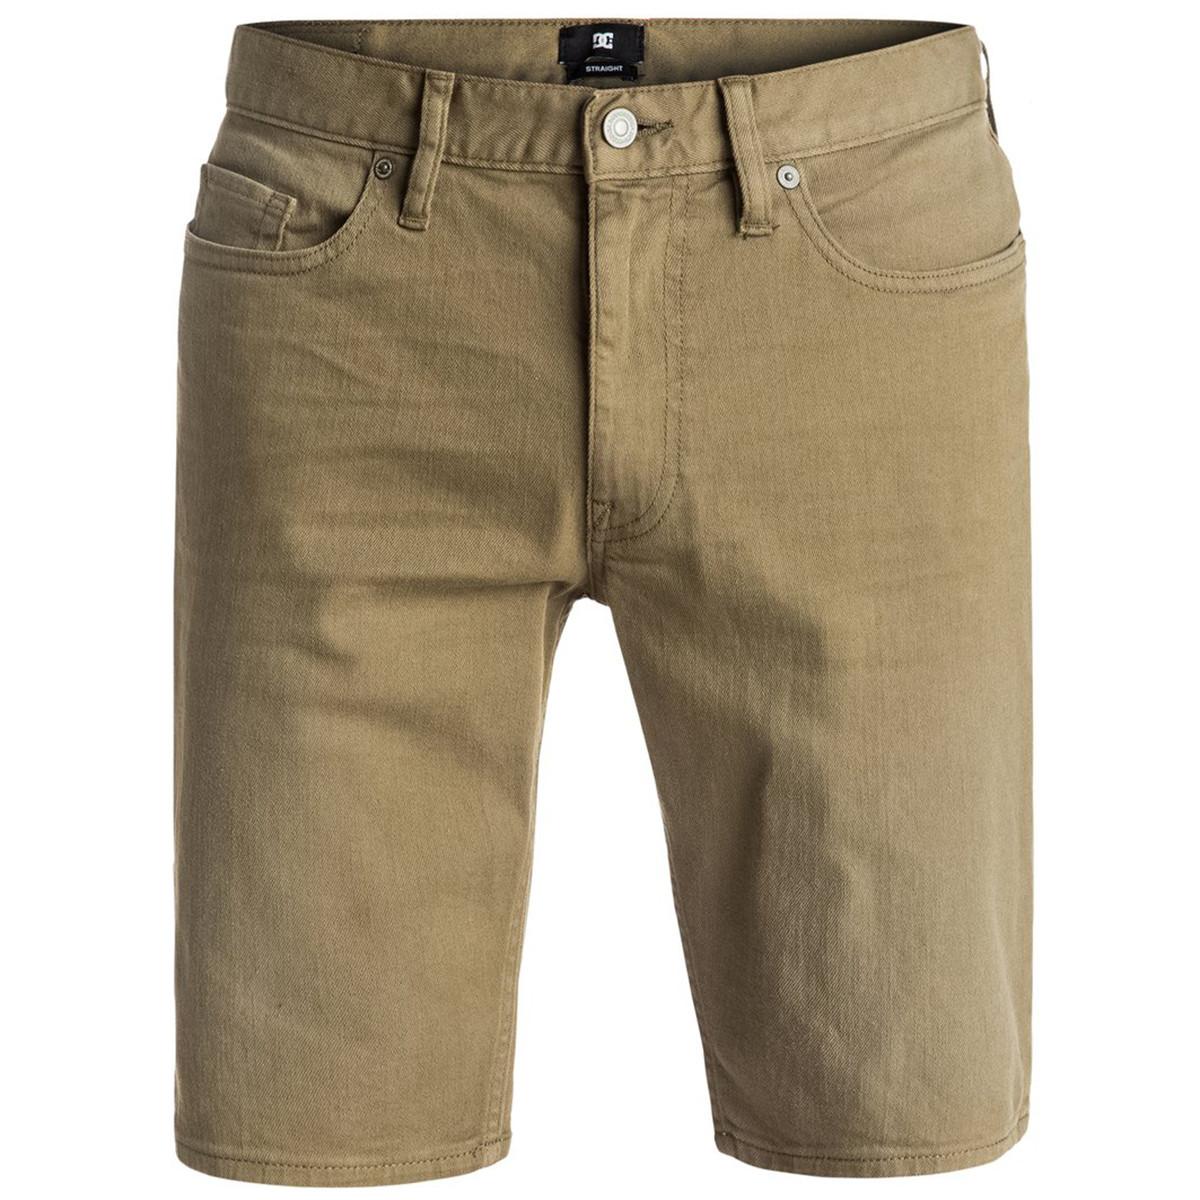 De Colour Dc Bermuda Shoes Pas Skate Homme Beige Shorts Cher b6mf7IYgyv